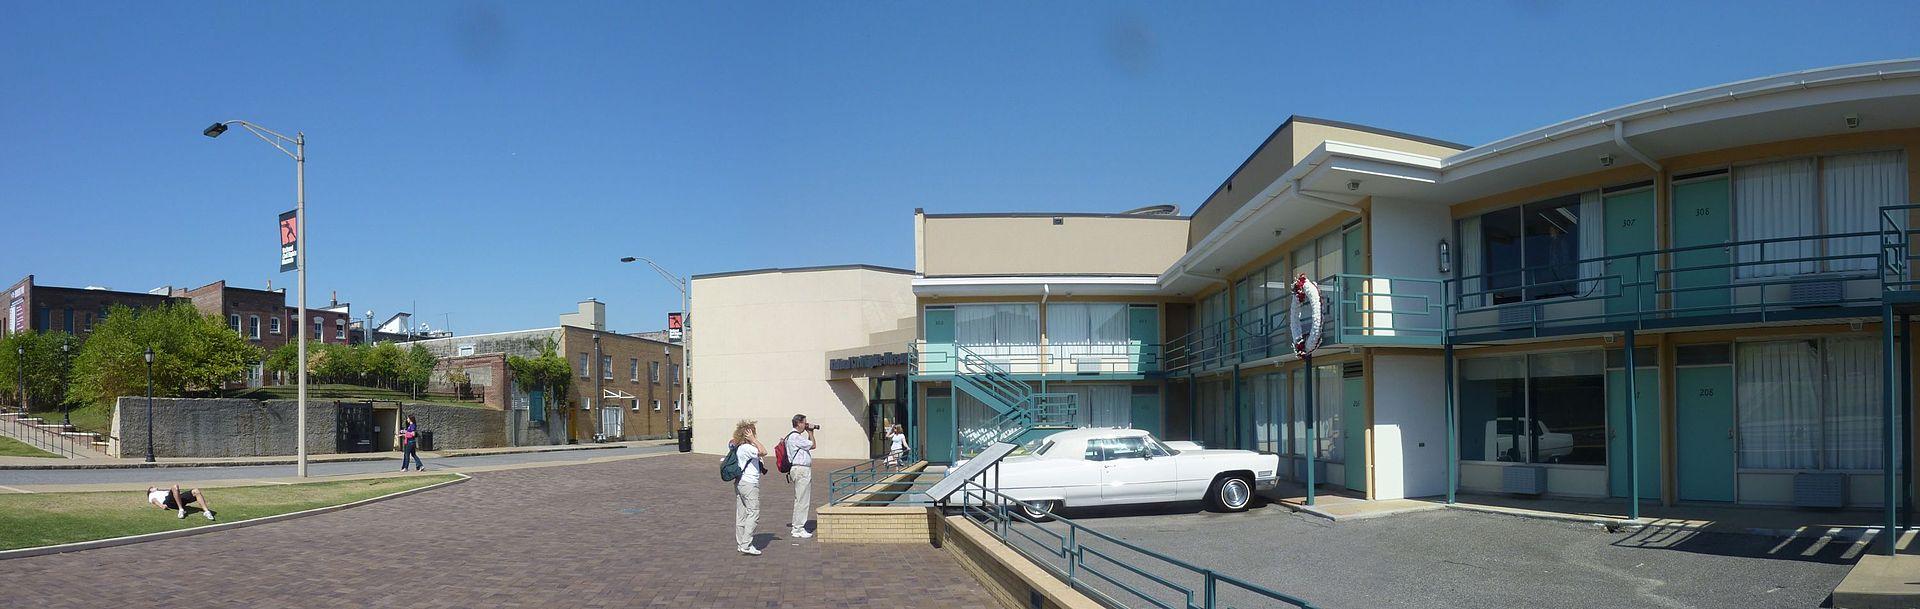 Motel Lorraine (po prawej) oraz pensjonat, z którego oddano strzał (po drugiej stronie ulicy)